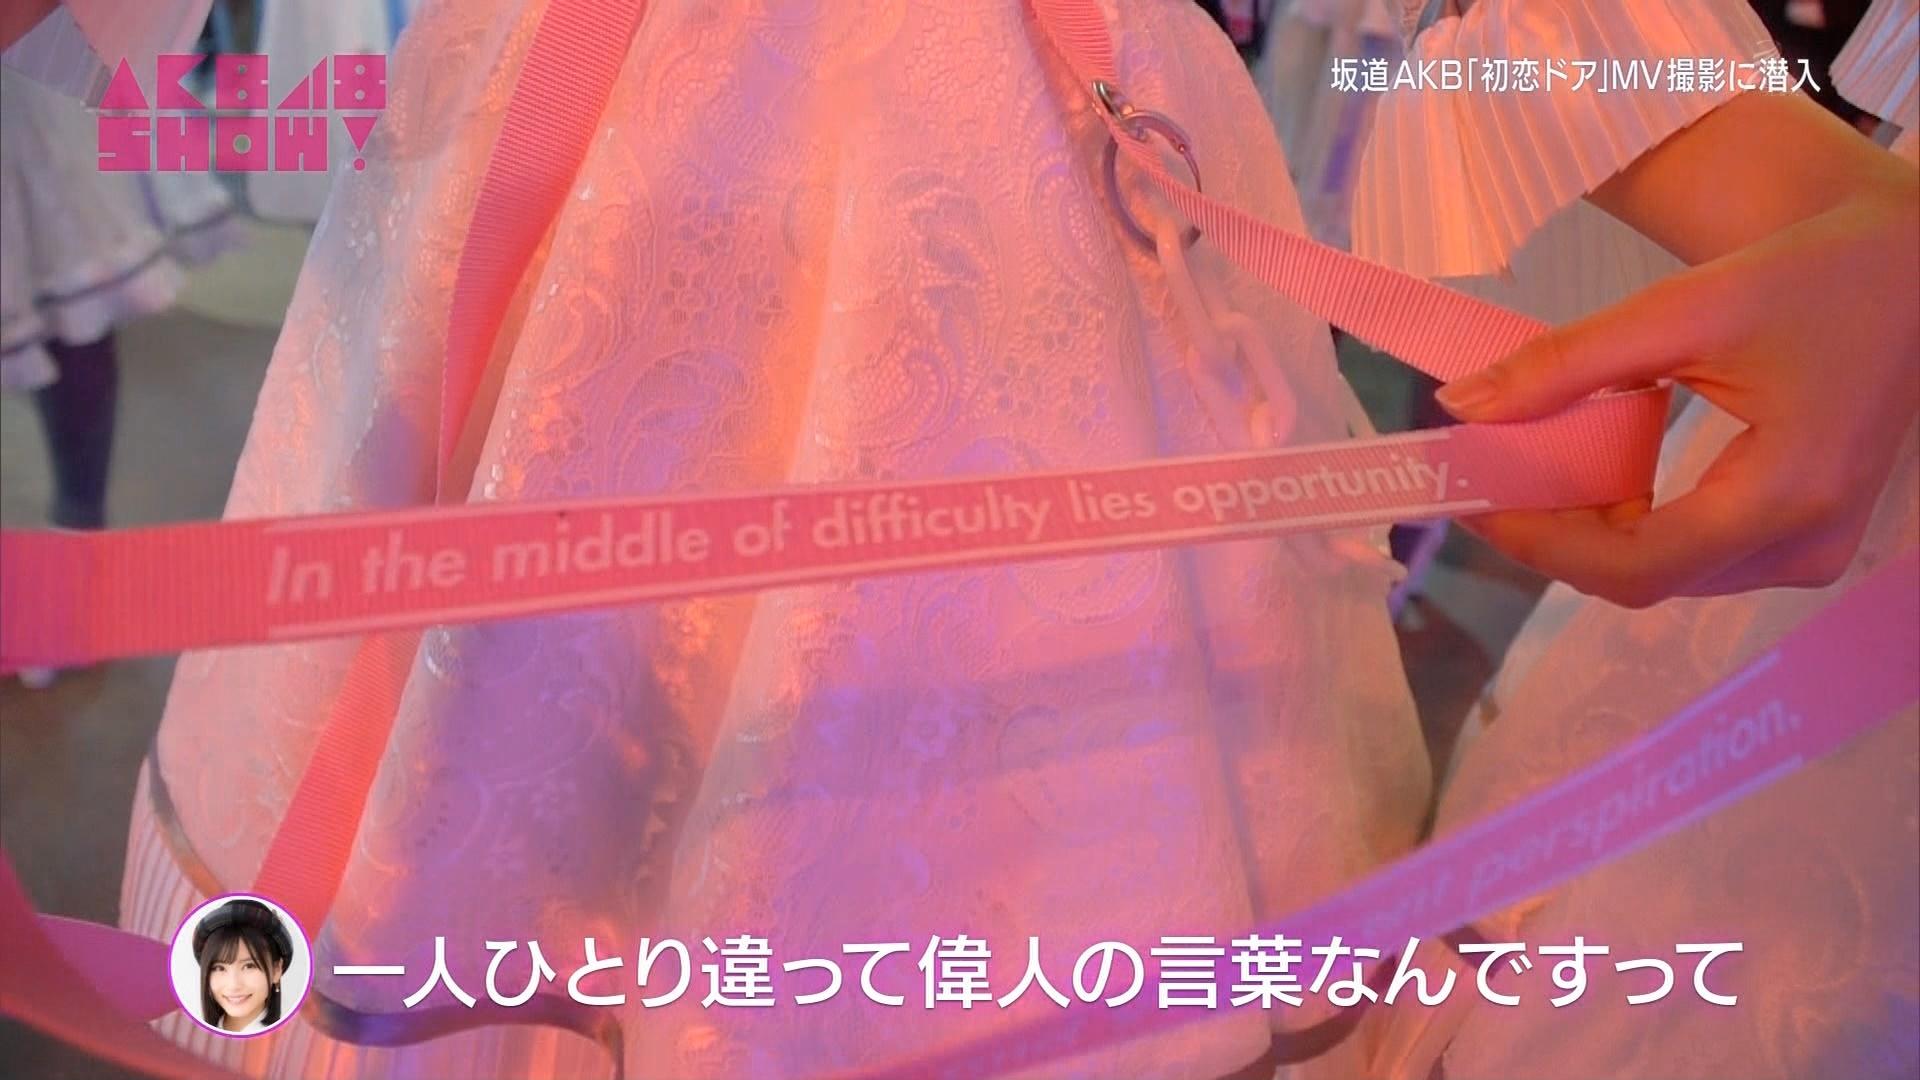 「坂道AKB」第3弾、衣装の秘密が明かされる<初恋ドア>